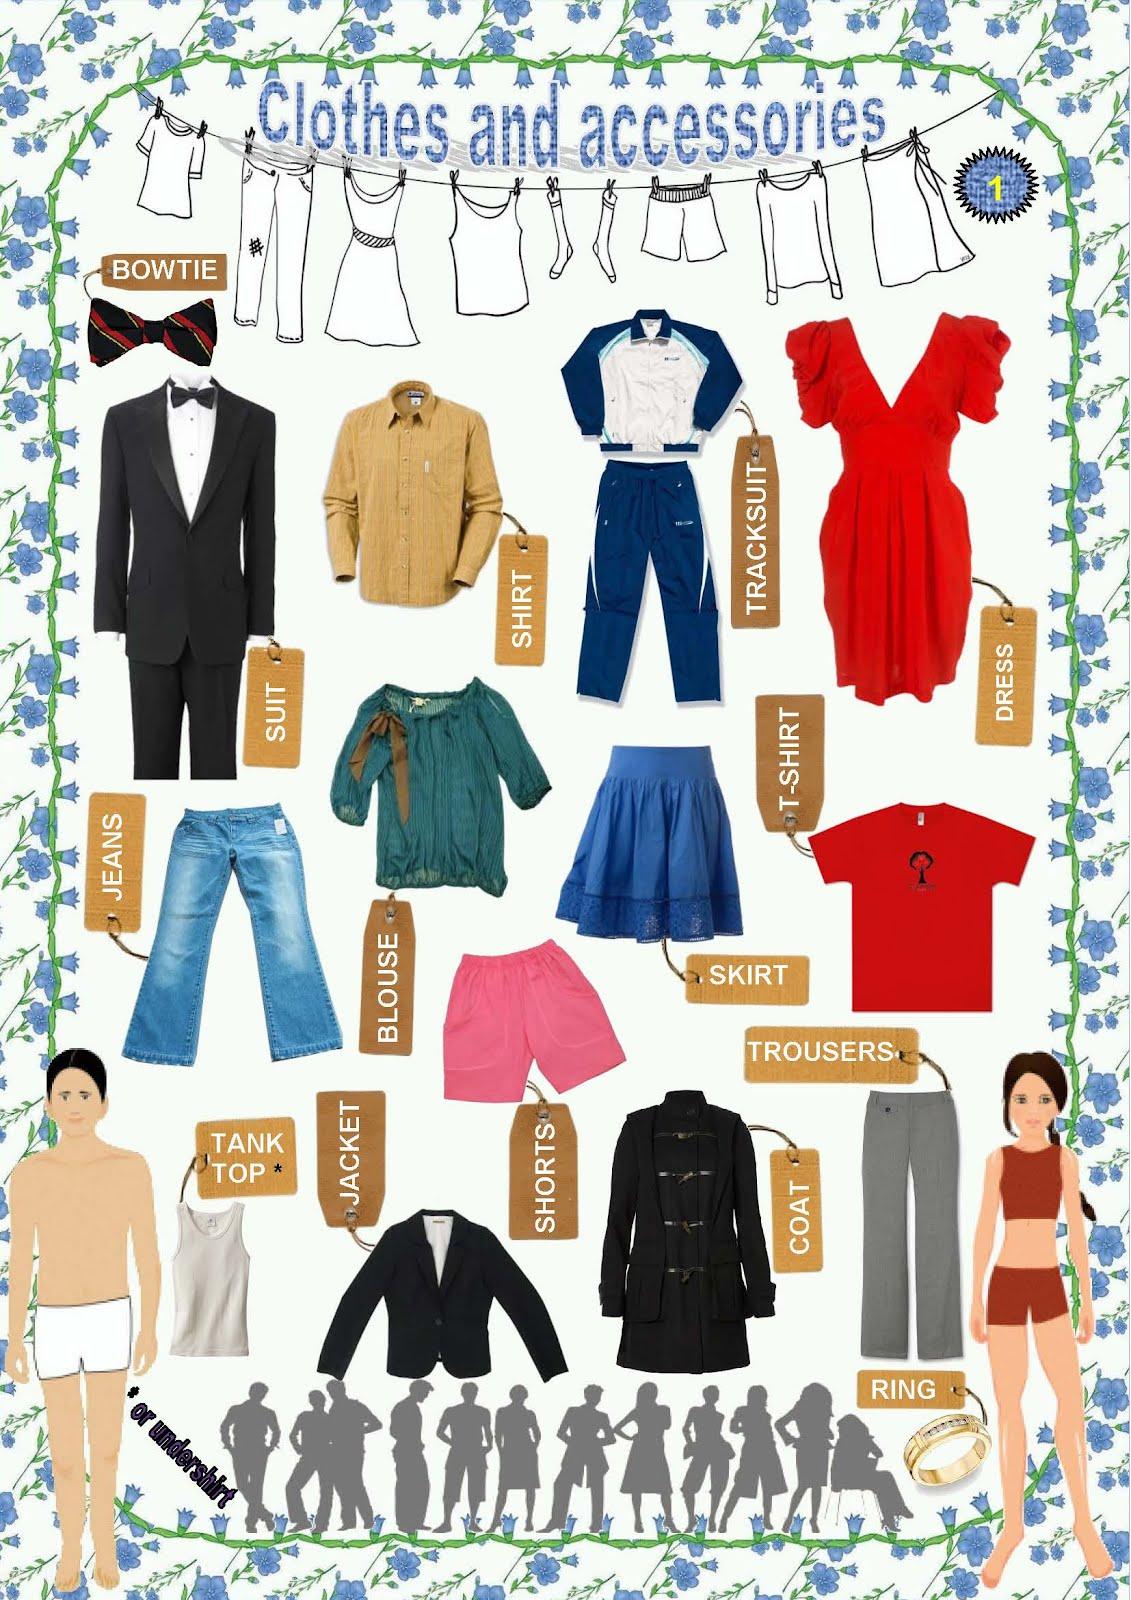 Vocabulario de Ropa en Inglés Ropa interior y Ropa de  - vocabulario de ropa en ingles con imagenes